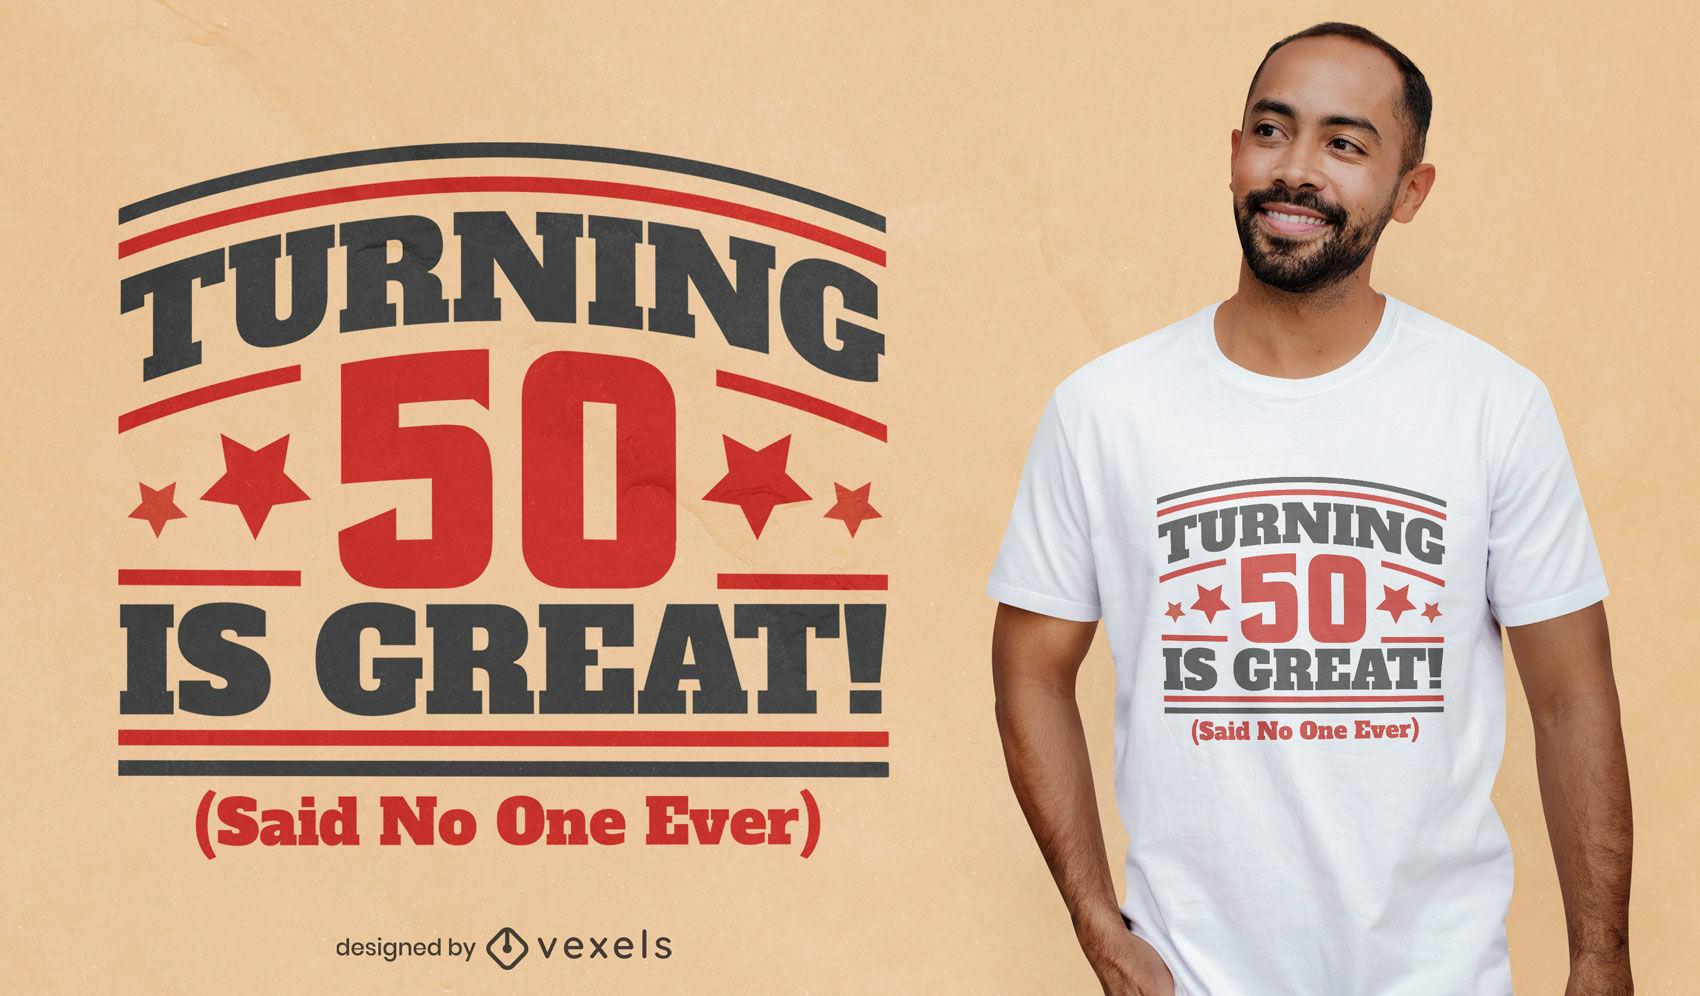 Dise?o de camiseta de cita de cumplea?os de 50 a?os.